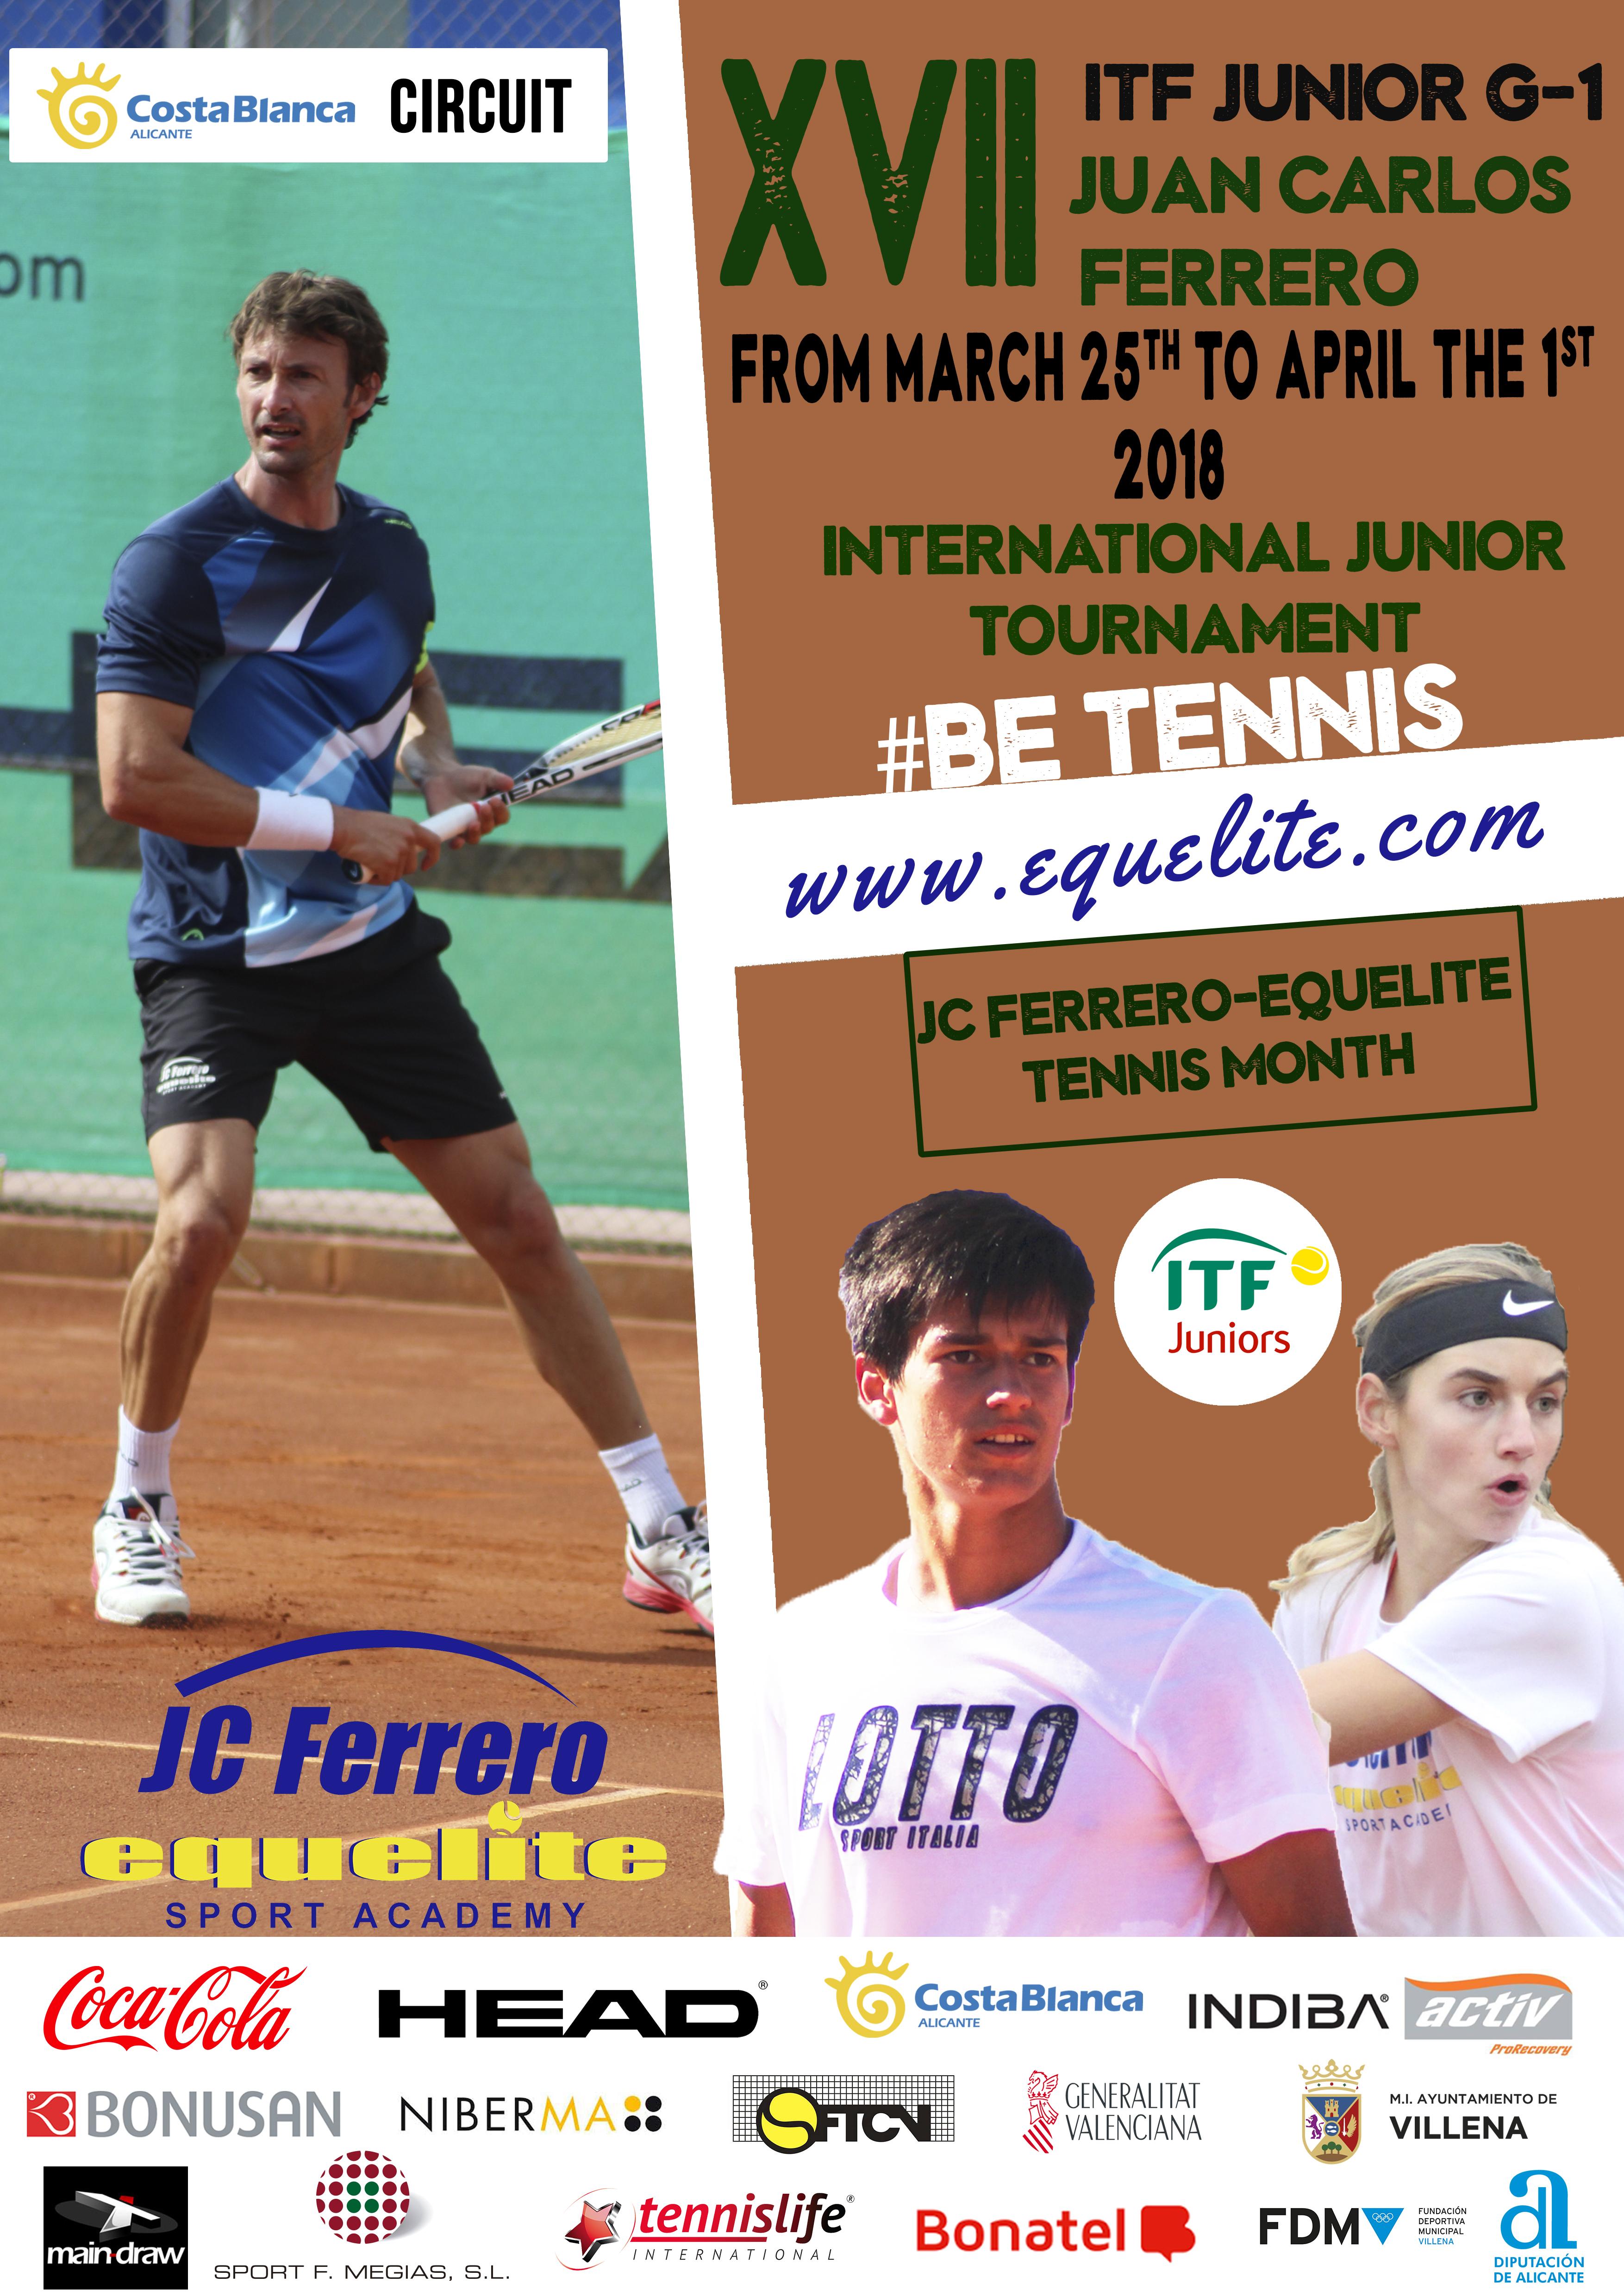 ITF Junior G-1